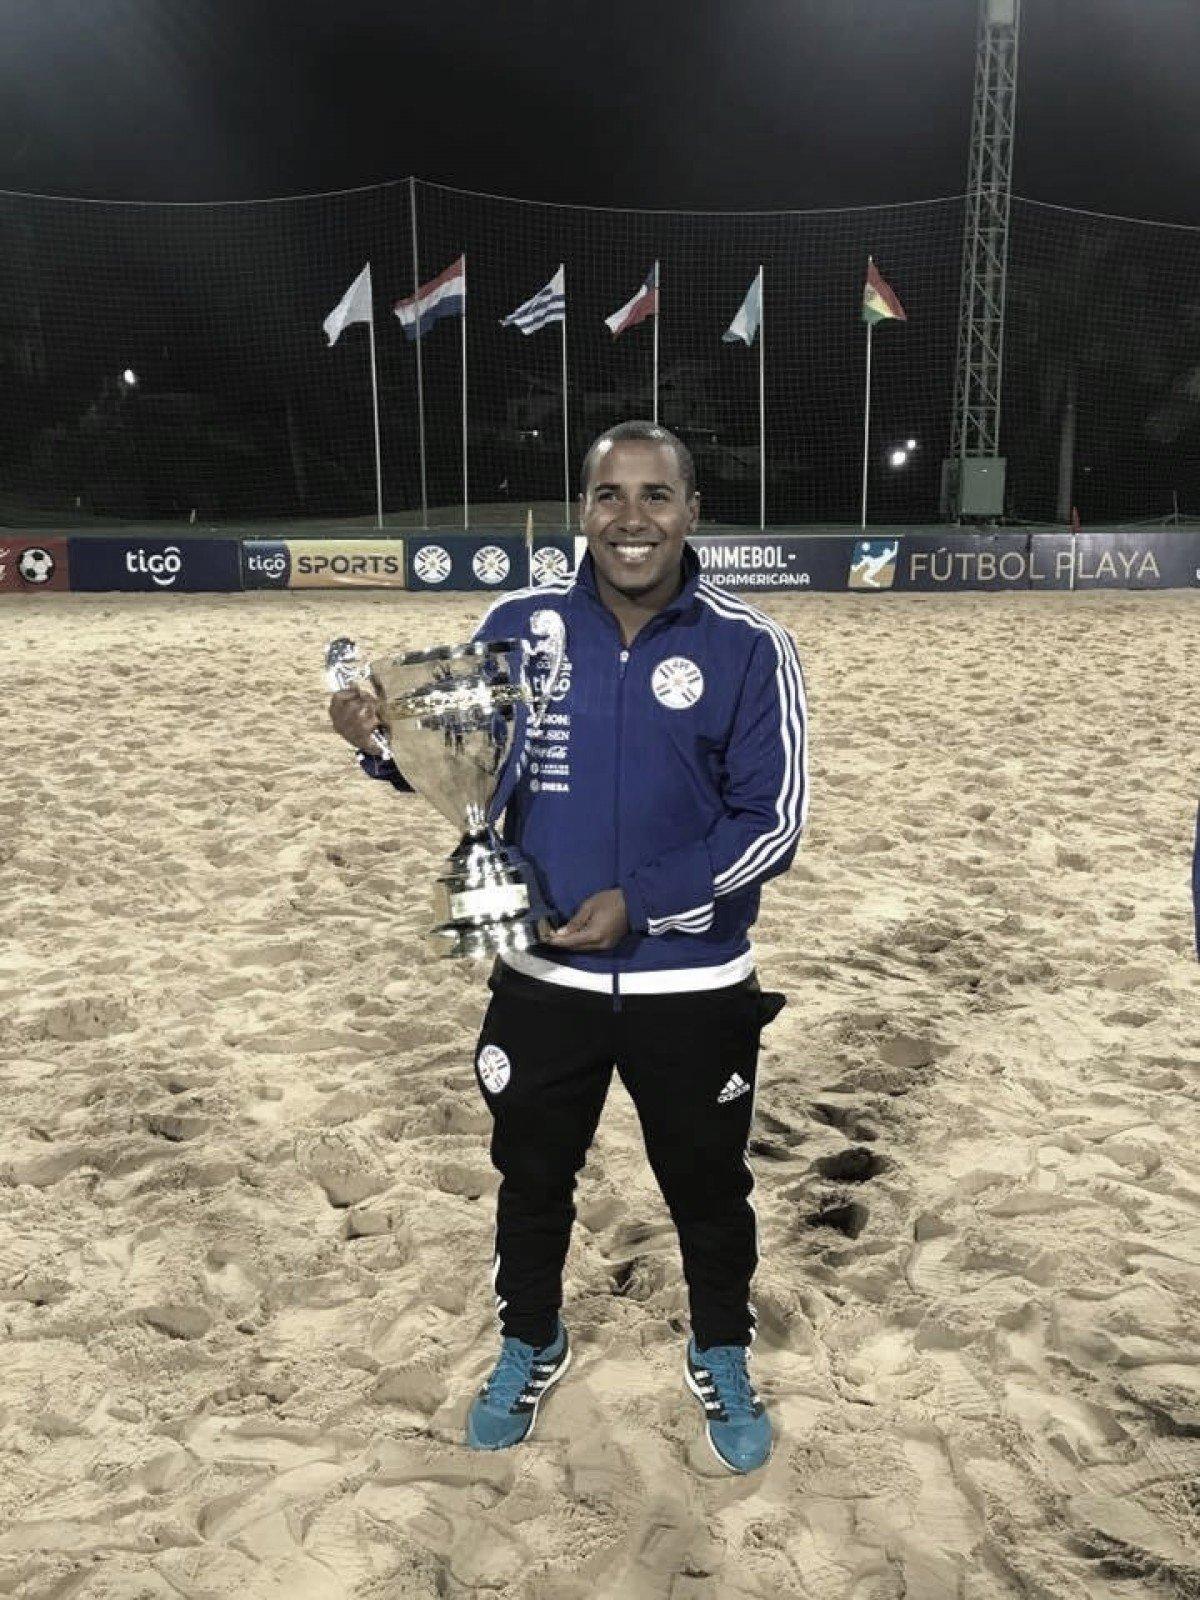 Conheça a história de Hugo Leonardo, Pernambucano que integra a Comissão Técnica do Paraguai de Beach Soccer